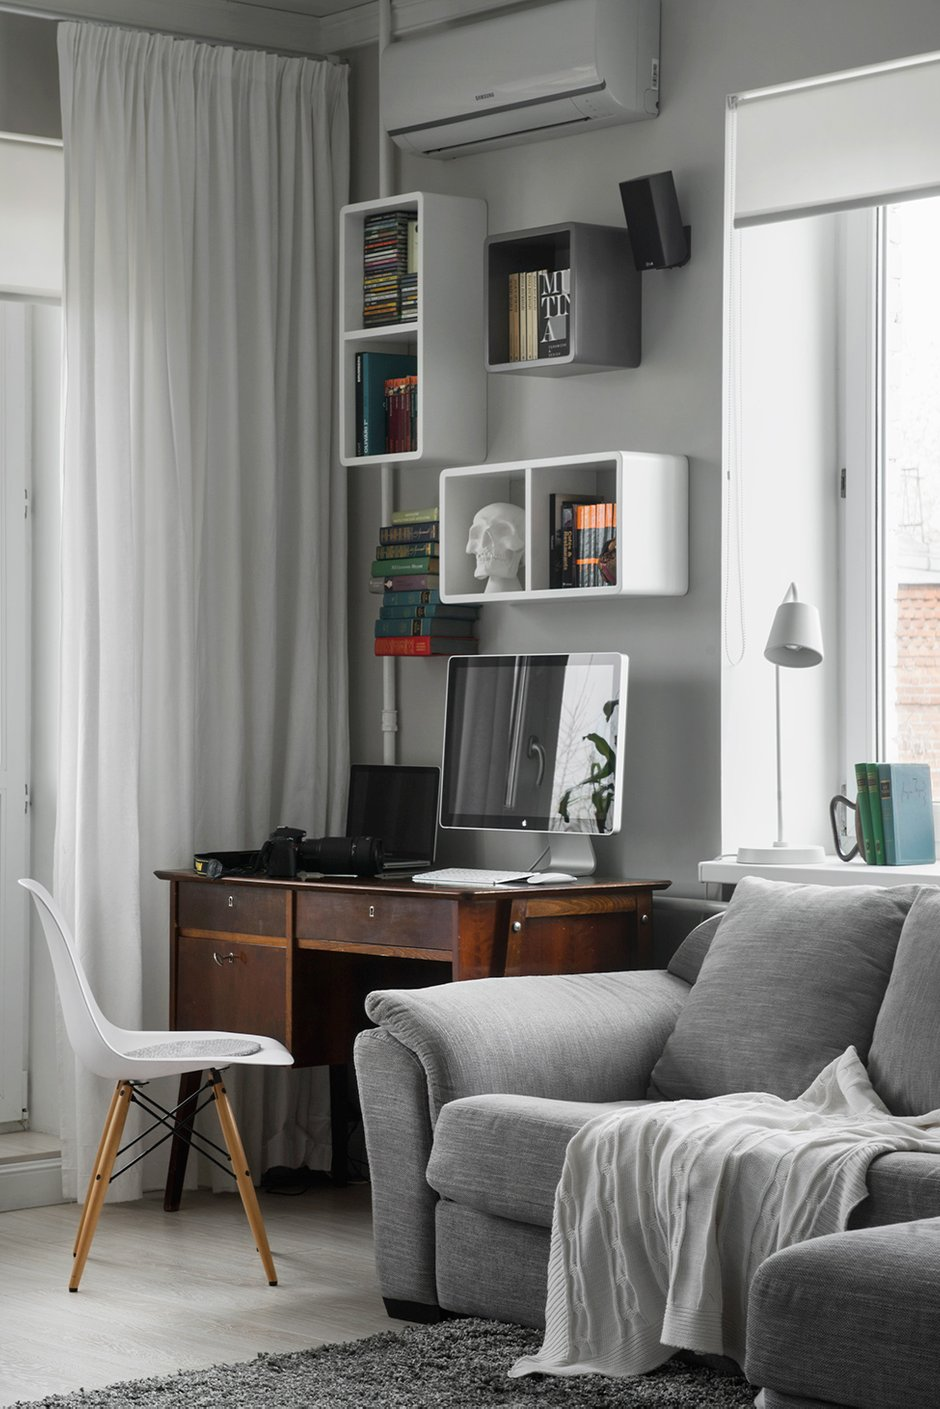 Фотография: Гостиная в стиле Современный, Малогабаритная квартира, Квартира, Дома и квартиры, IKEA, Проект недели, Хрущевка – фото на INMYROOM